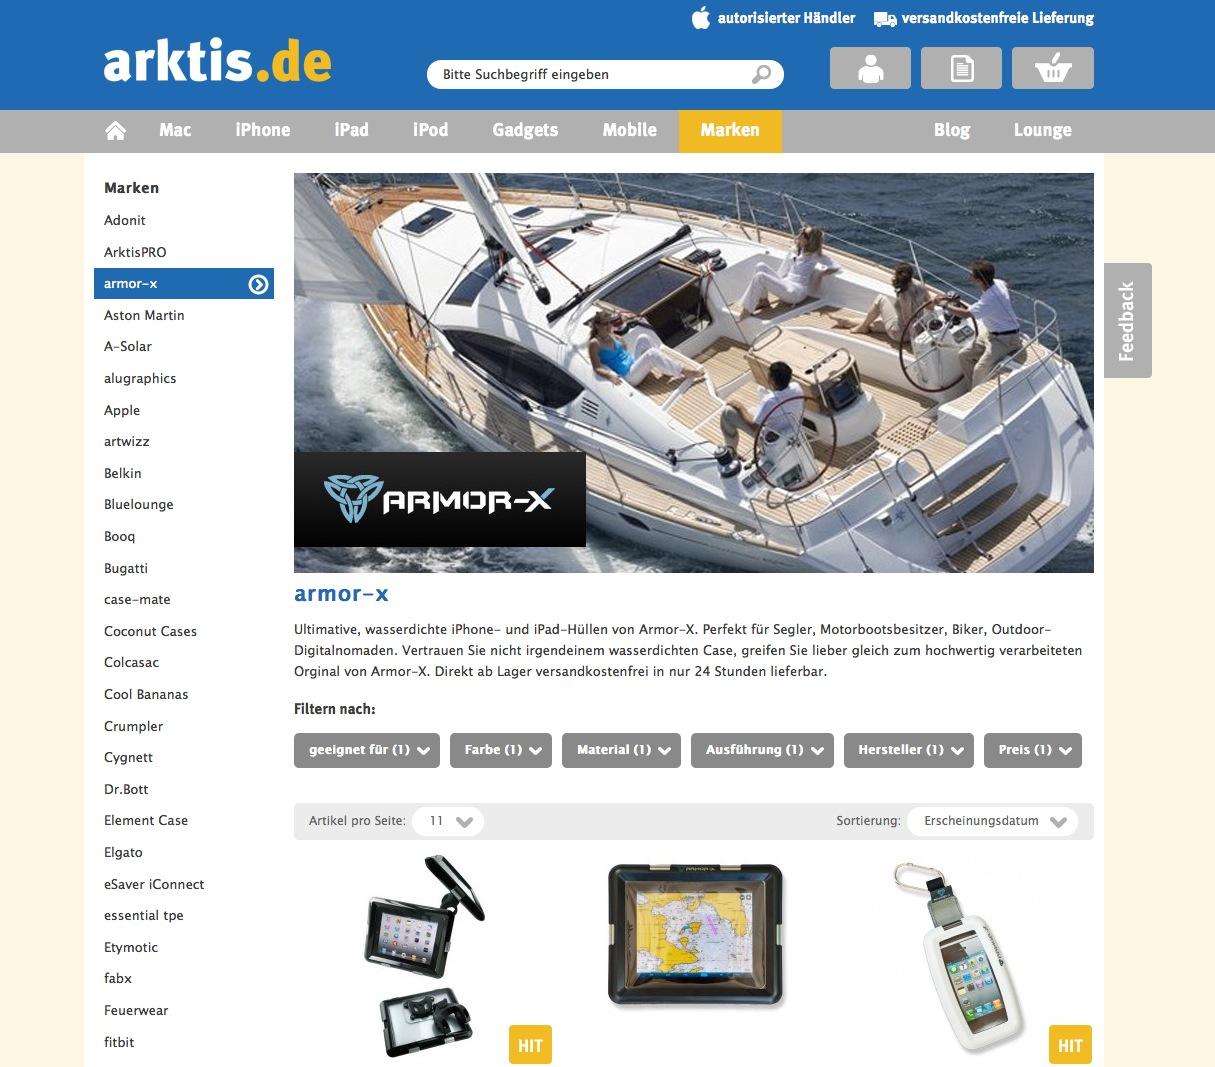 Markenshops auf arktis.de